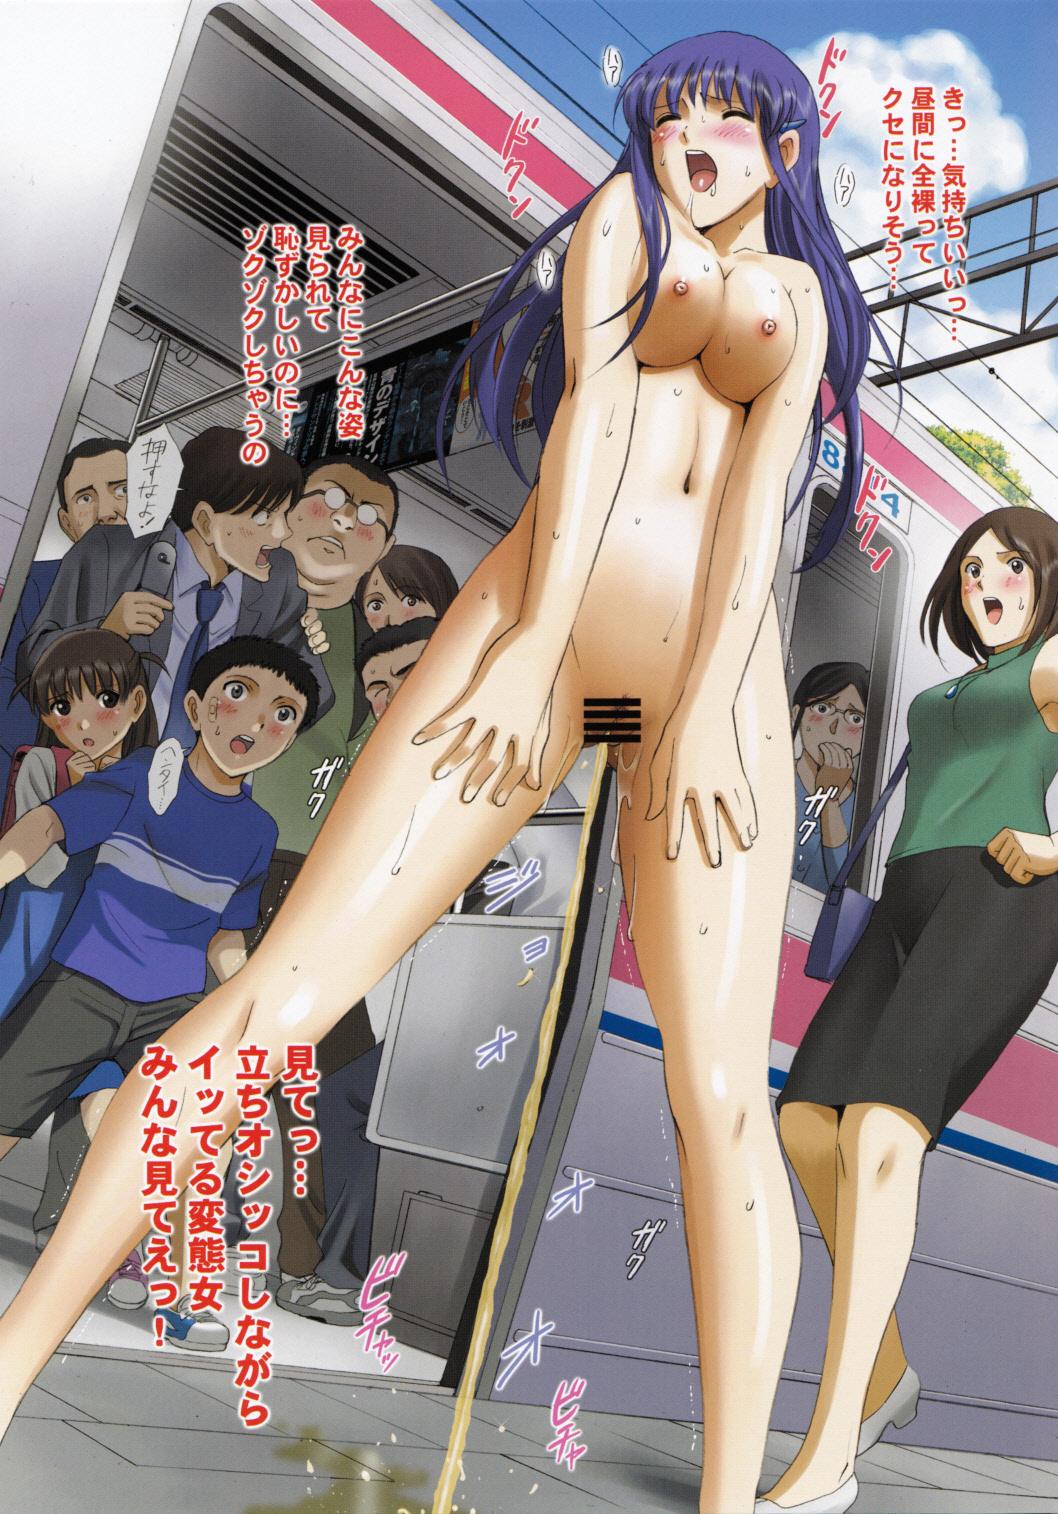 anime girl public Naked in